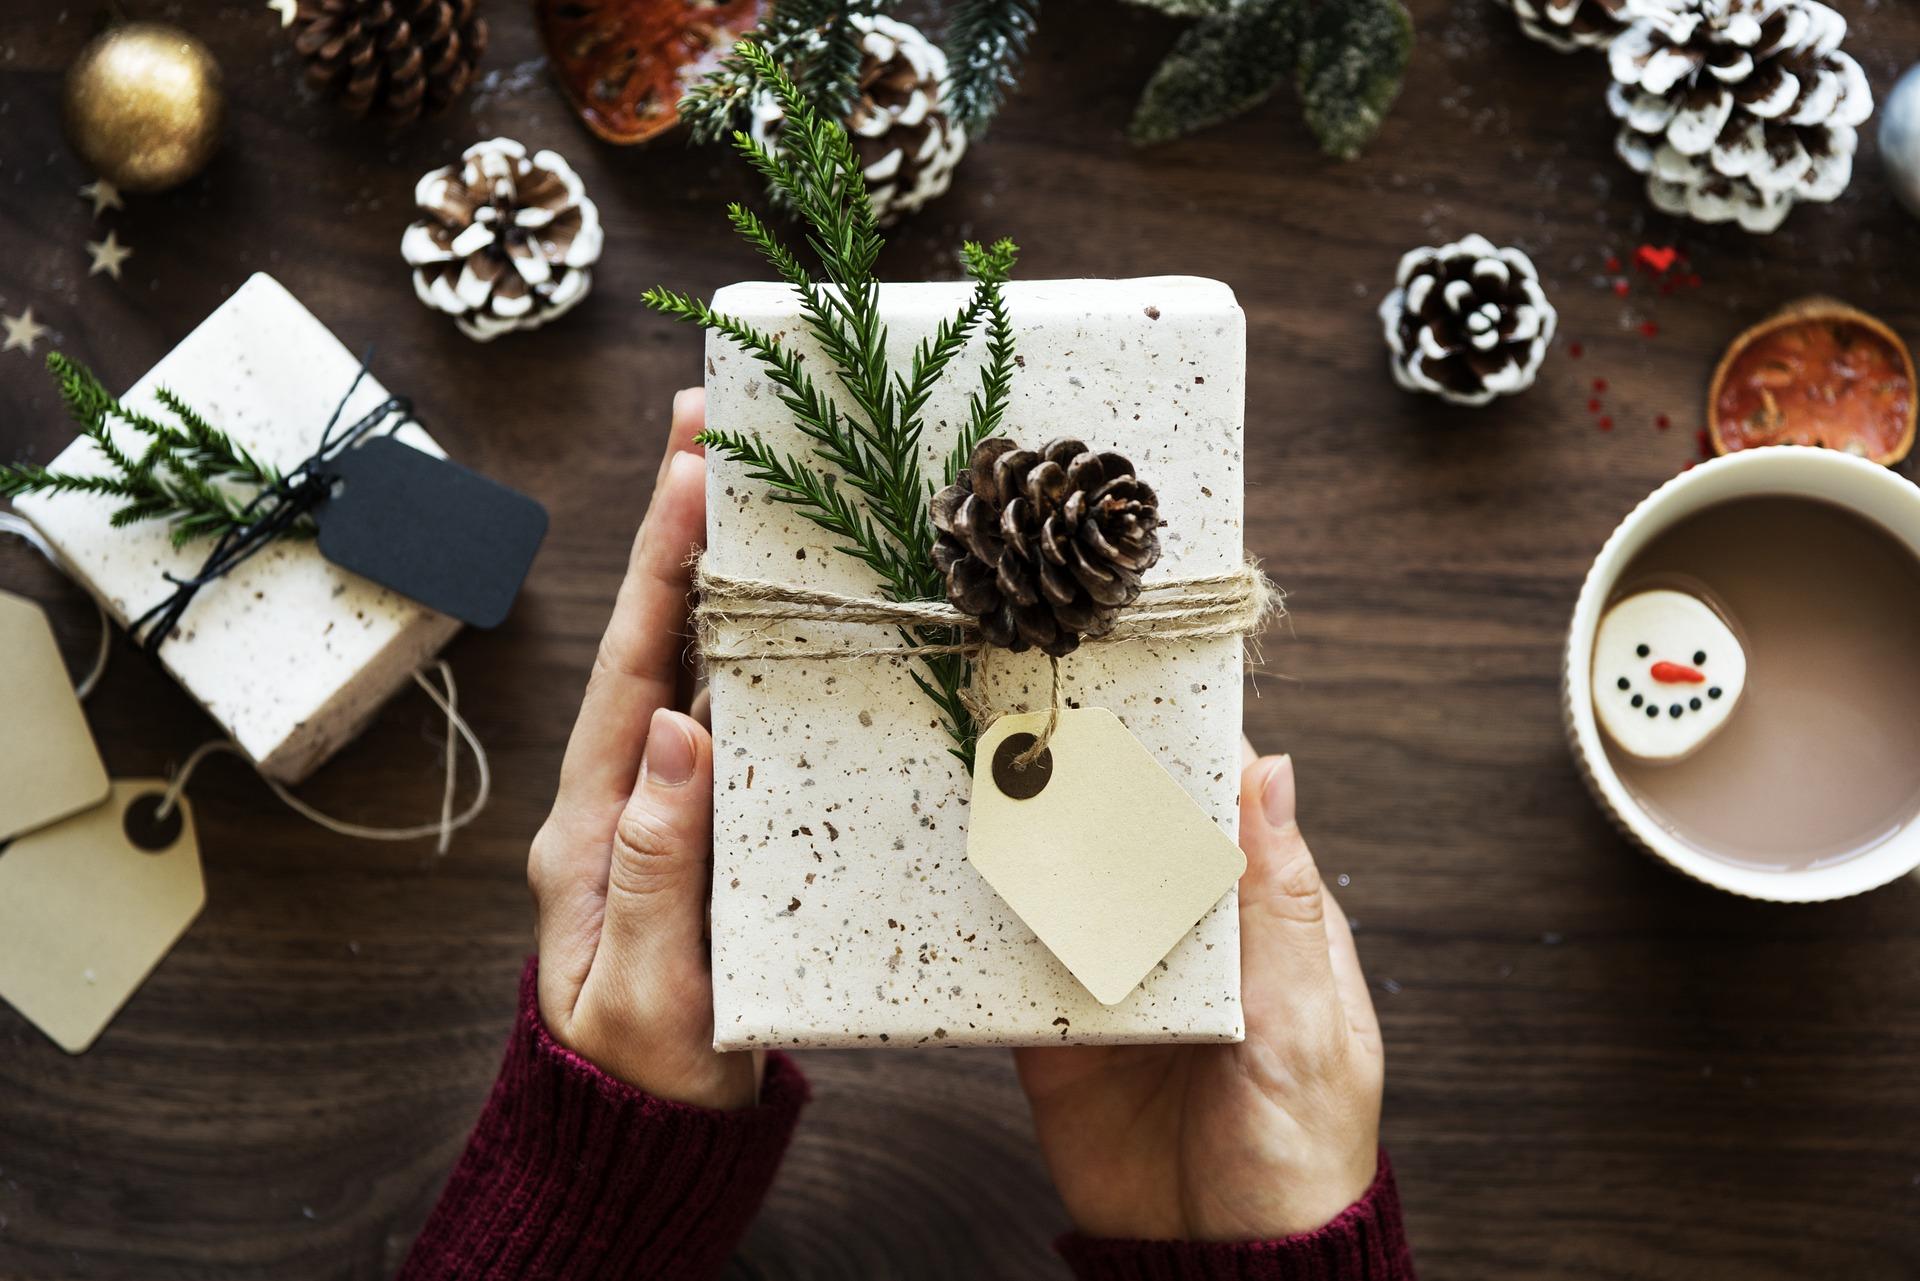 クリスマスプレゼントにファーバッグを